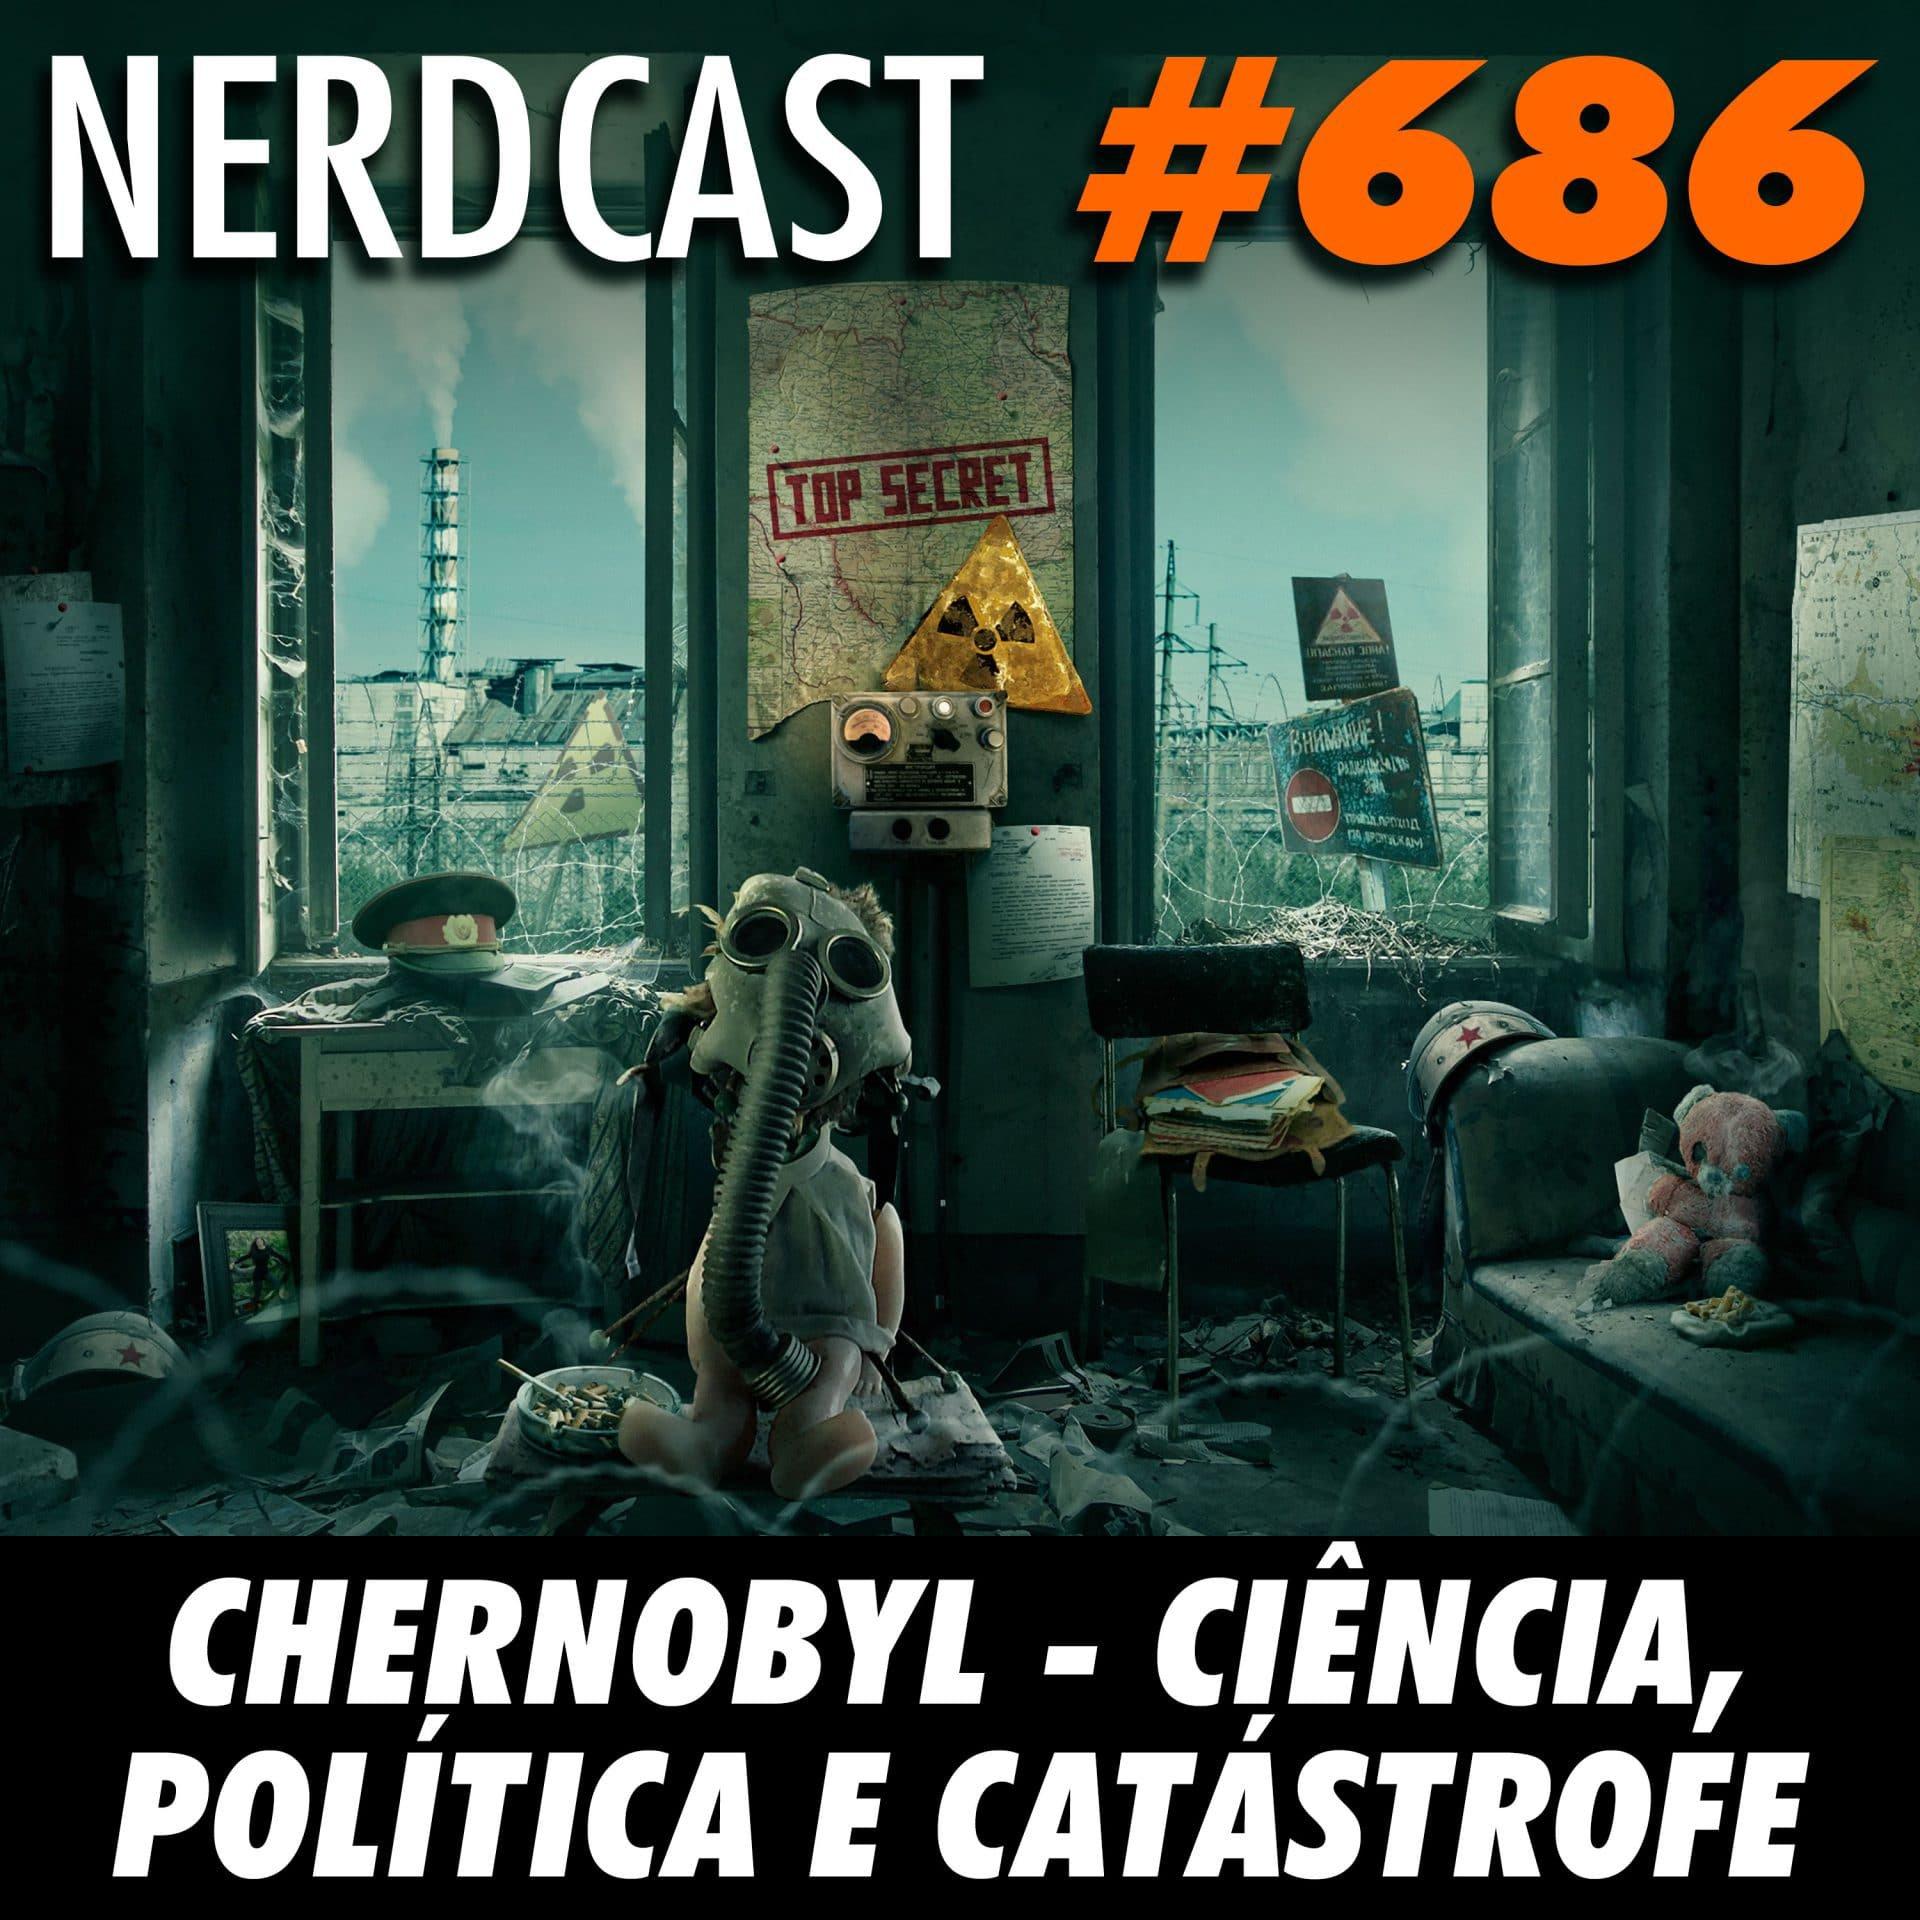 NerdCast 686 - Chernobyl – Ciência, política e catástrofe